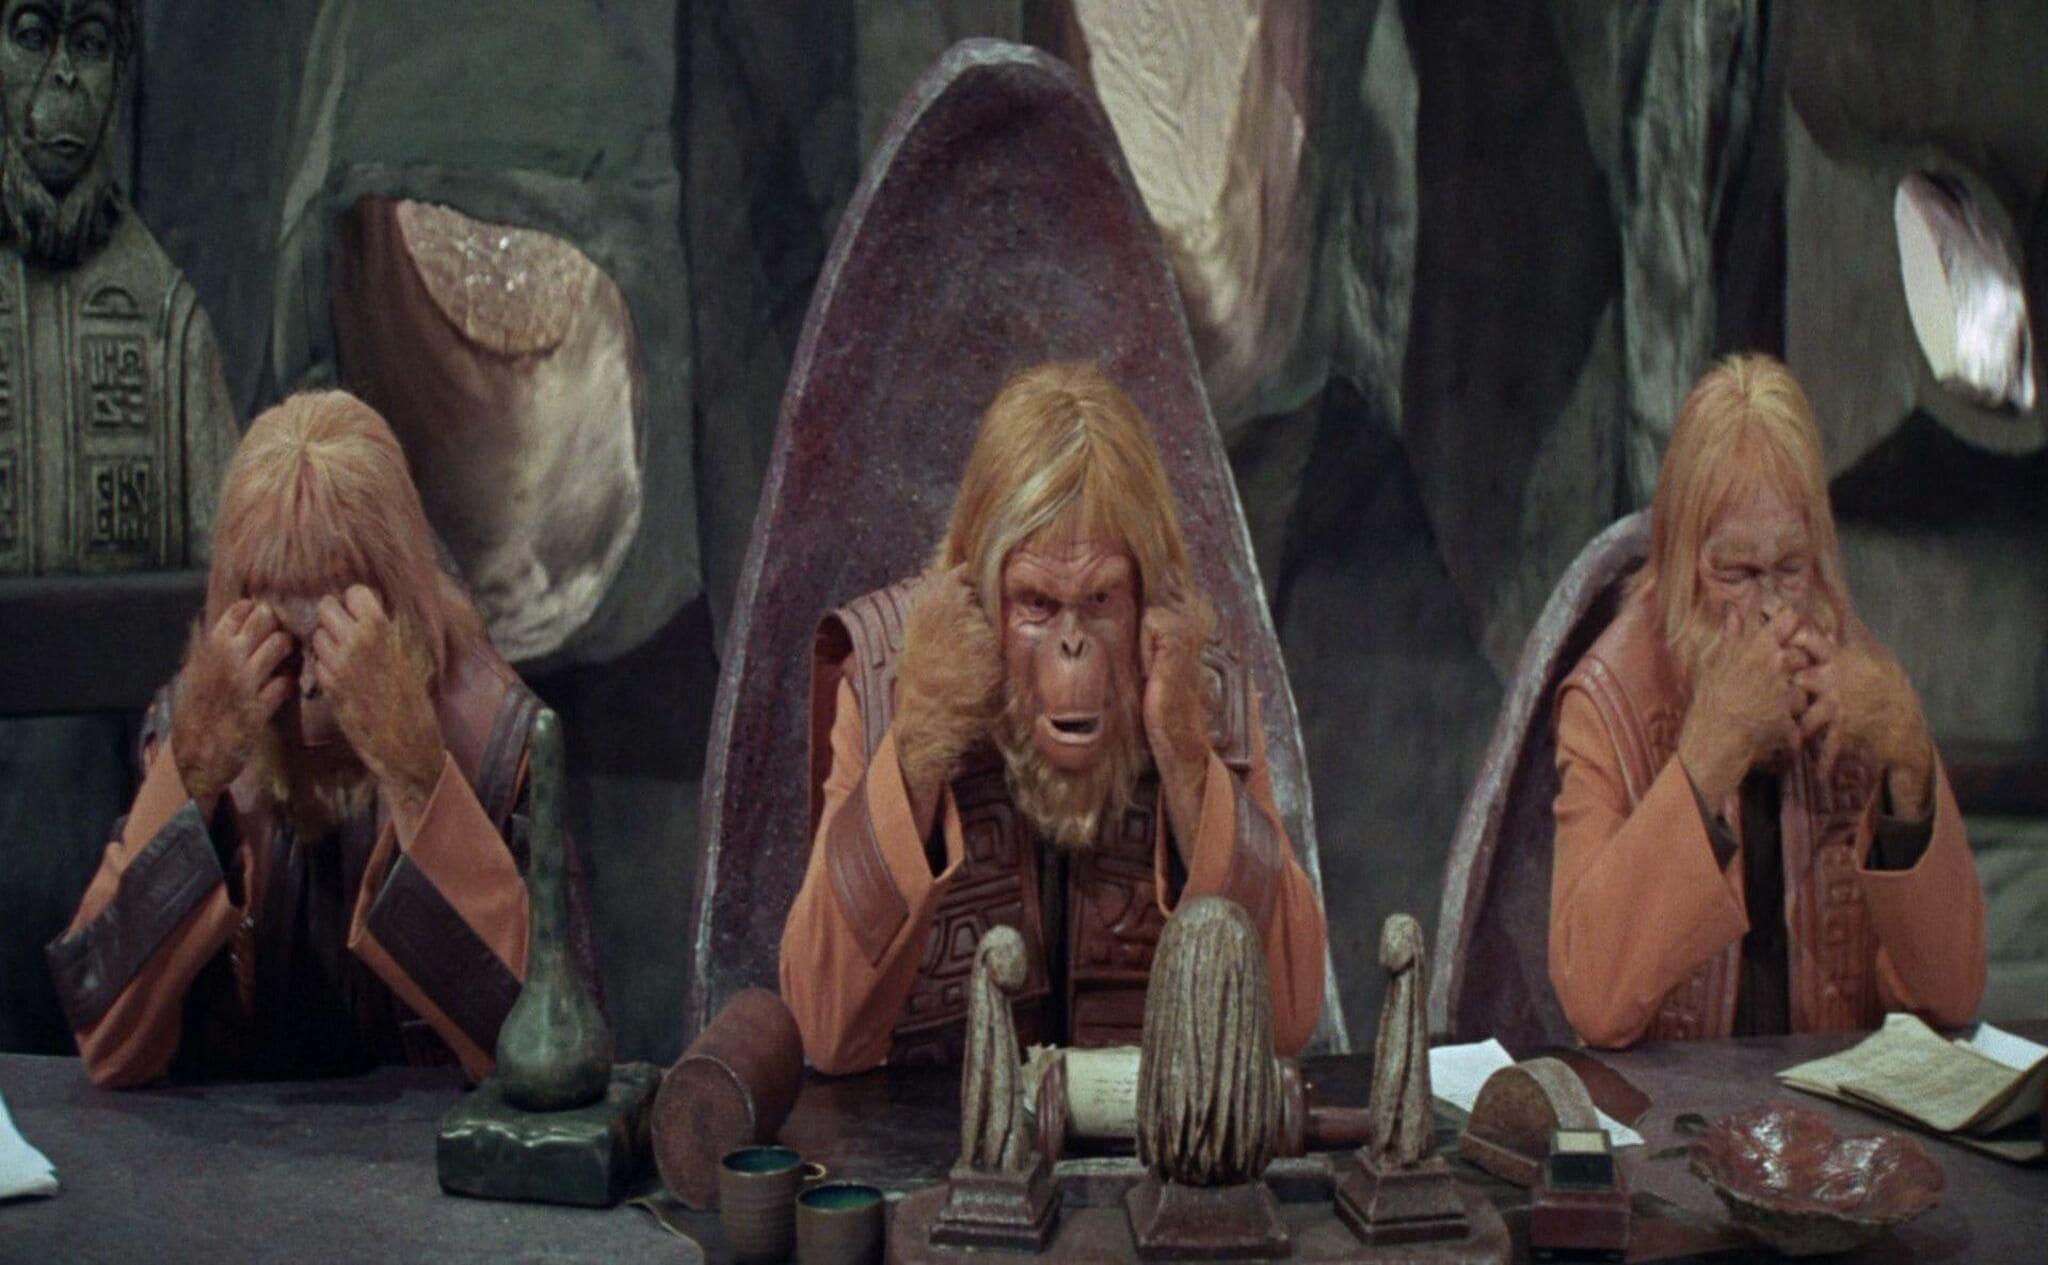 El planeta de los simios. Los tres monos sabios: «No ver el Mal, no escuchar el Mal y no decir el Mal»